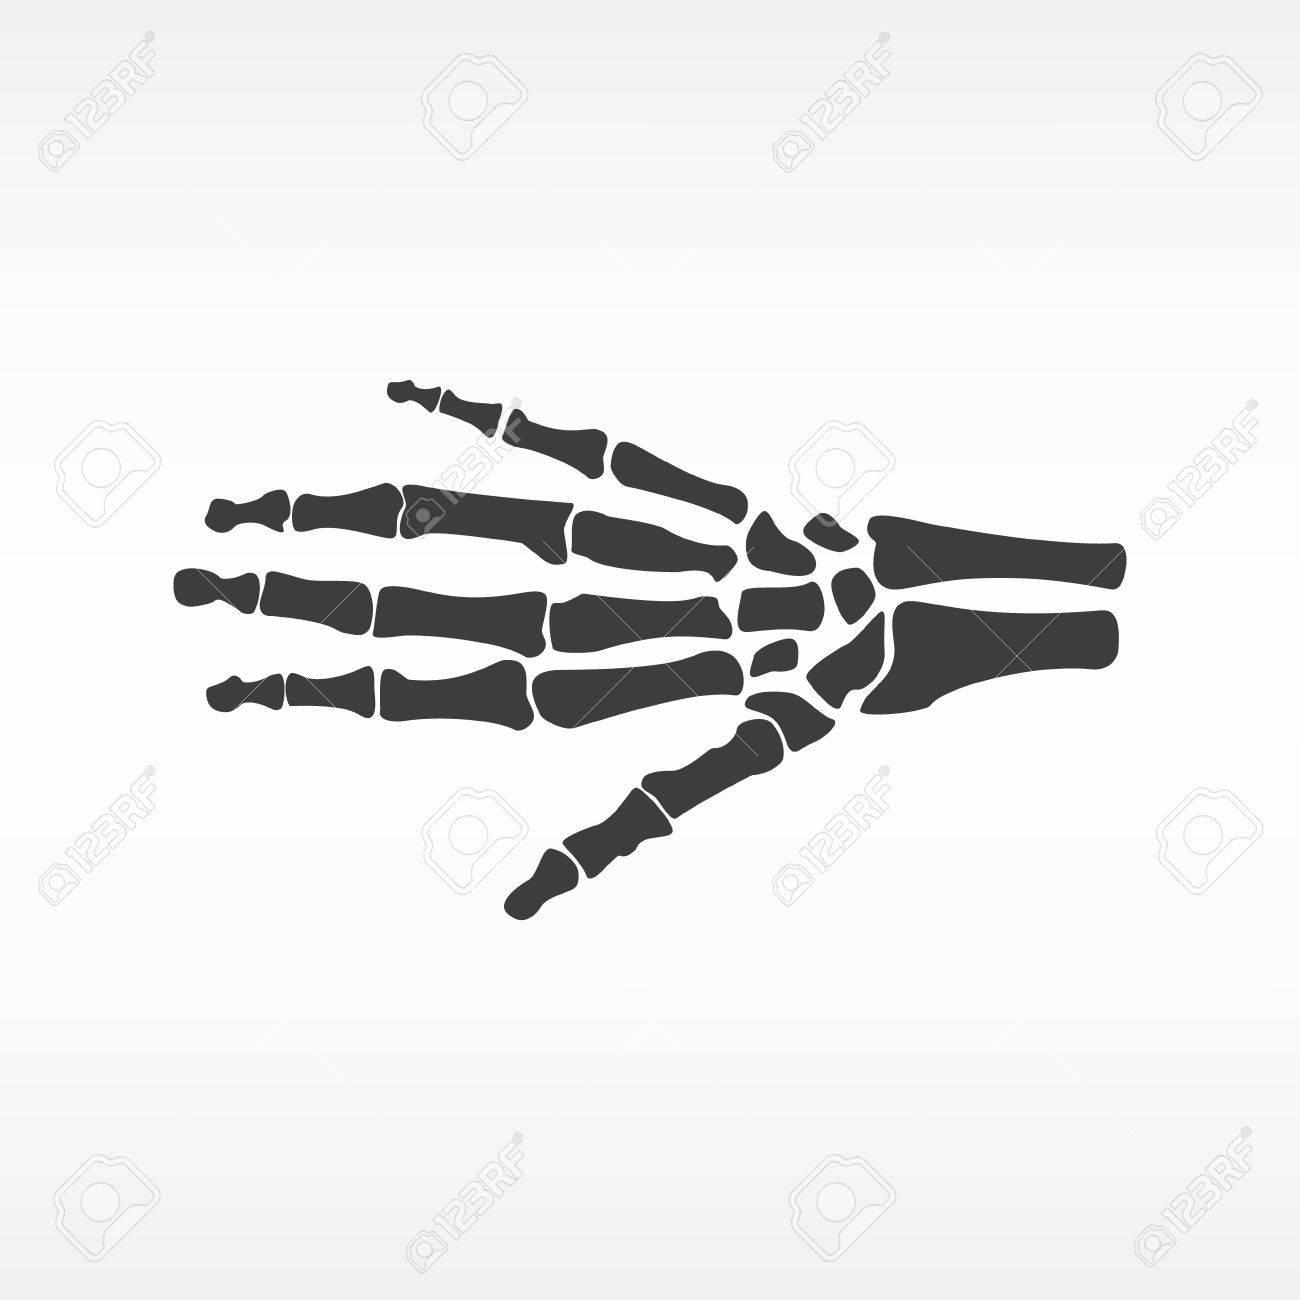 Raster-Darstellung Handknochen. Orthopädische Menschliche Hand ...